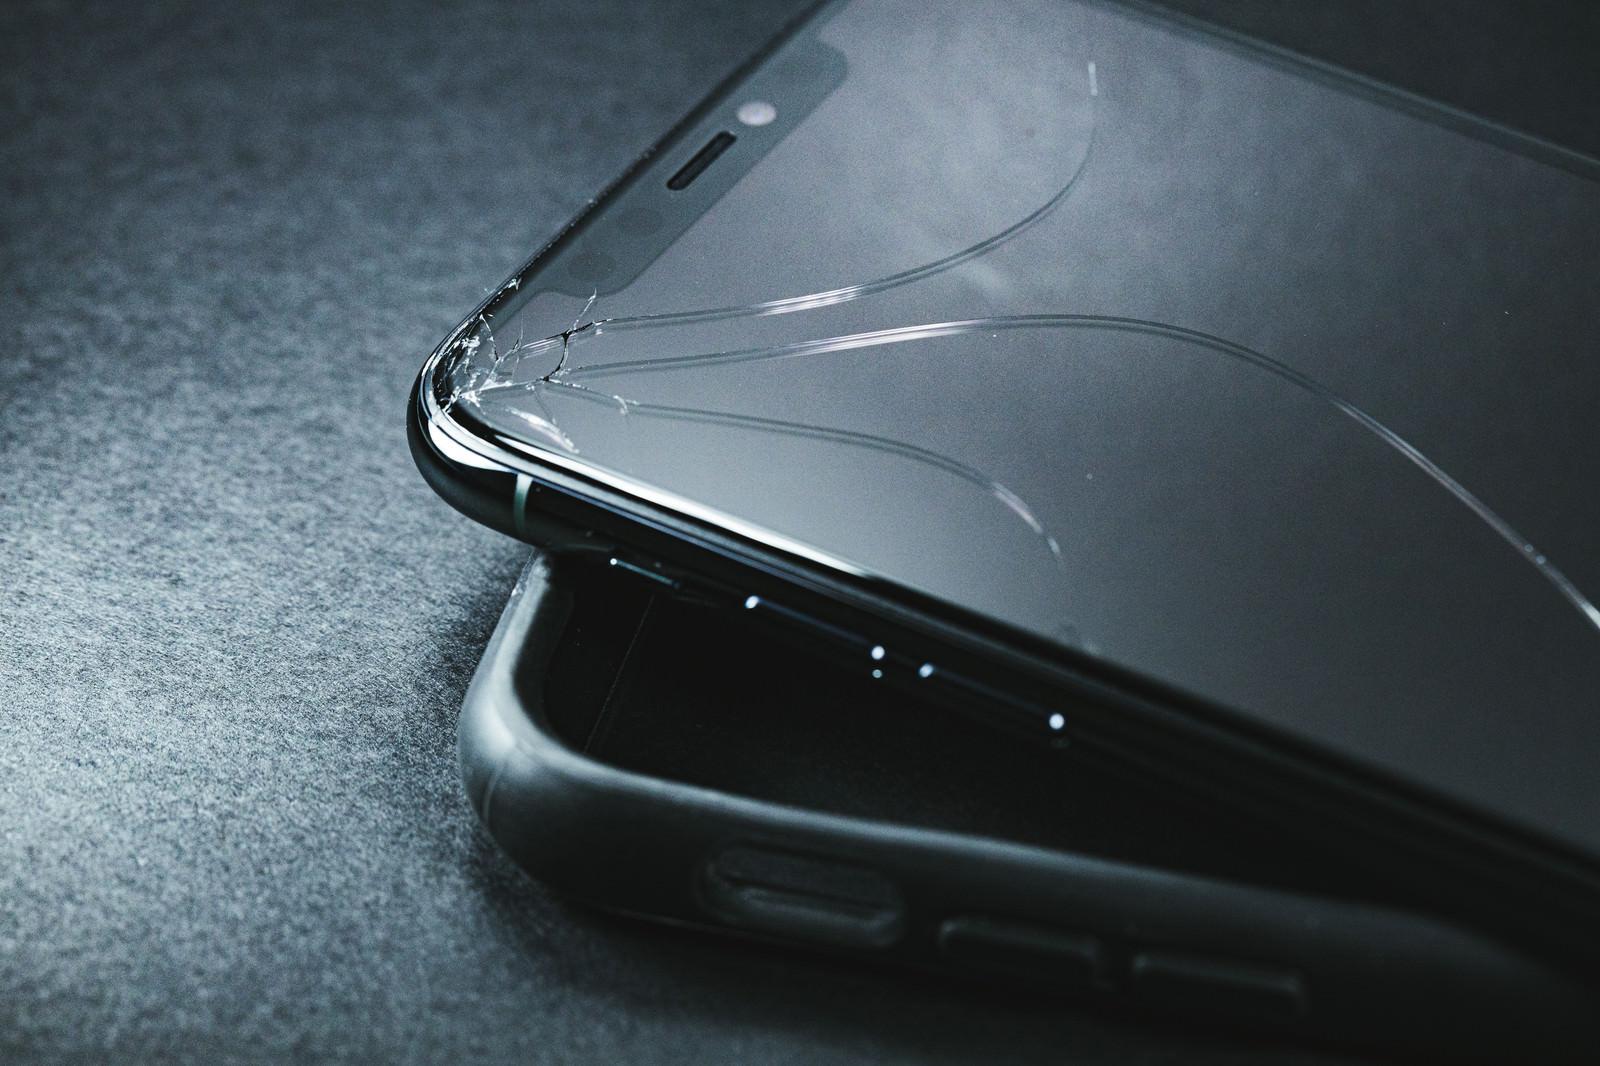 「保護ケースをつけてたのに当たりどころが悪くて画面にヒビが入るiPhone」の写真